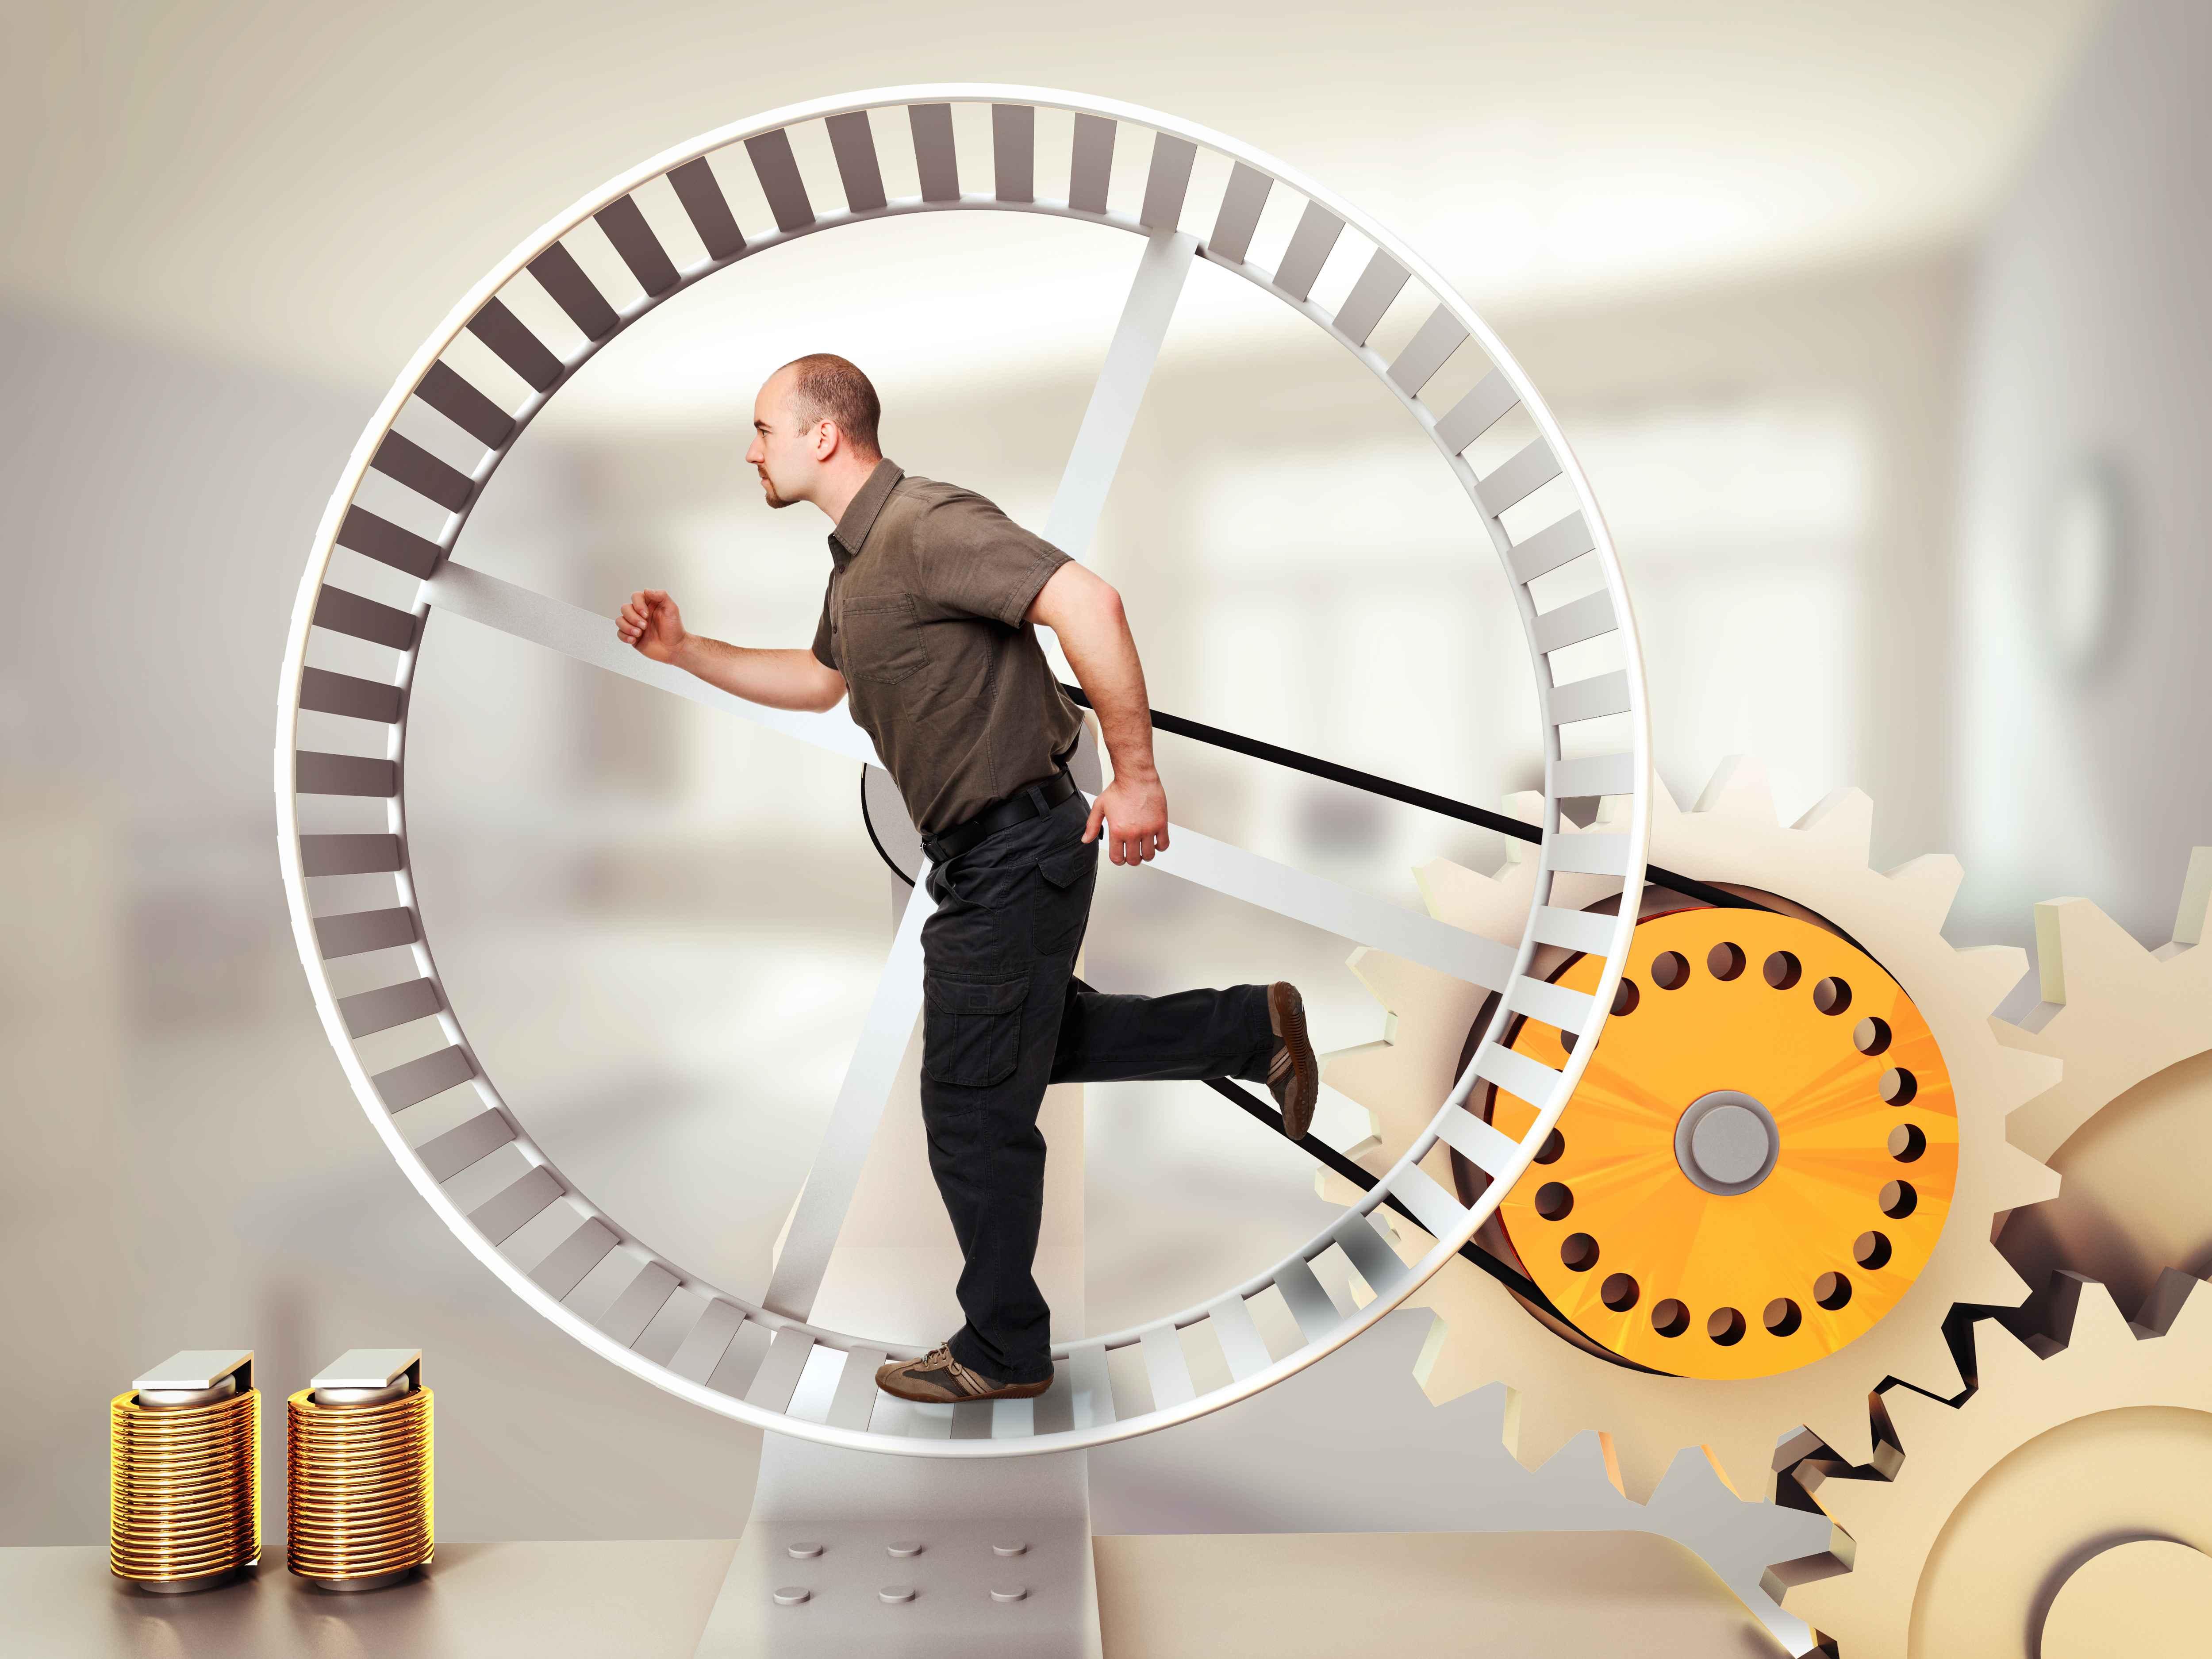 Бегущий в колесе рисунок фото